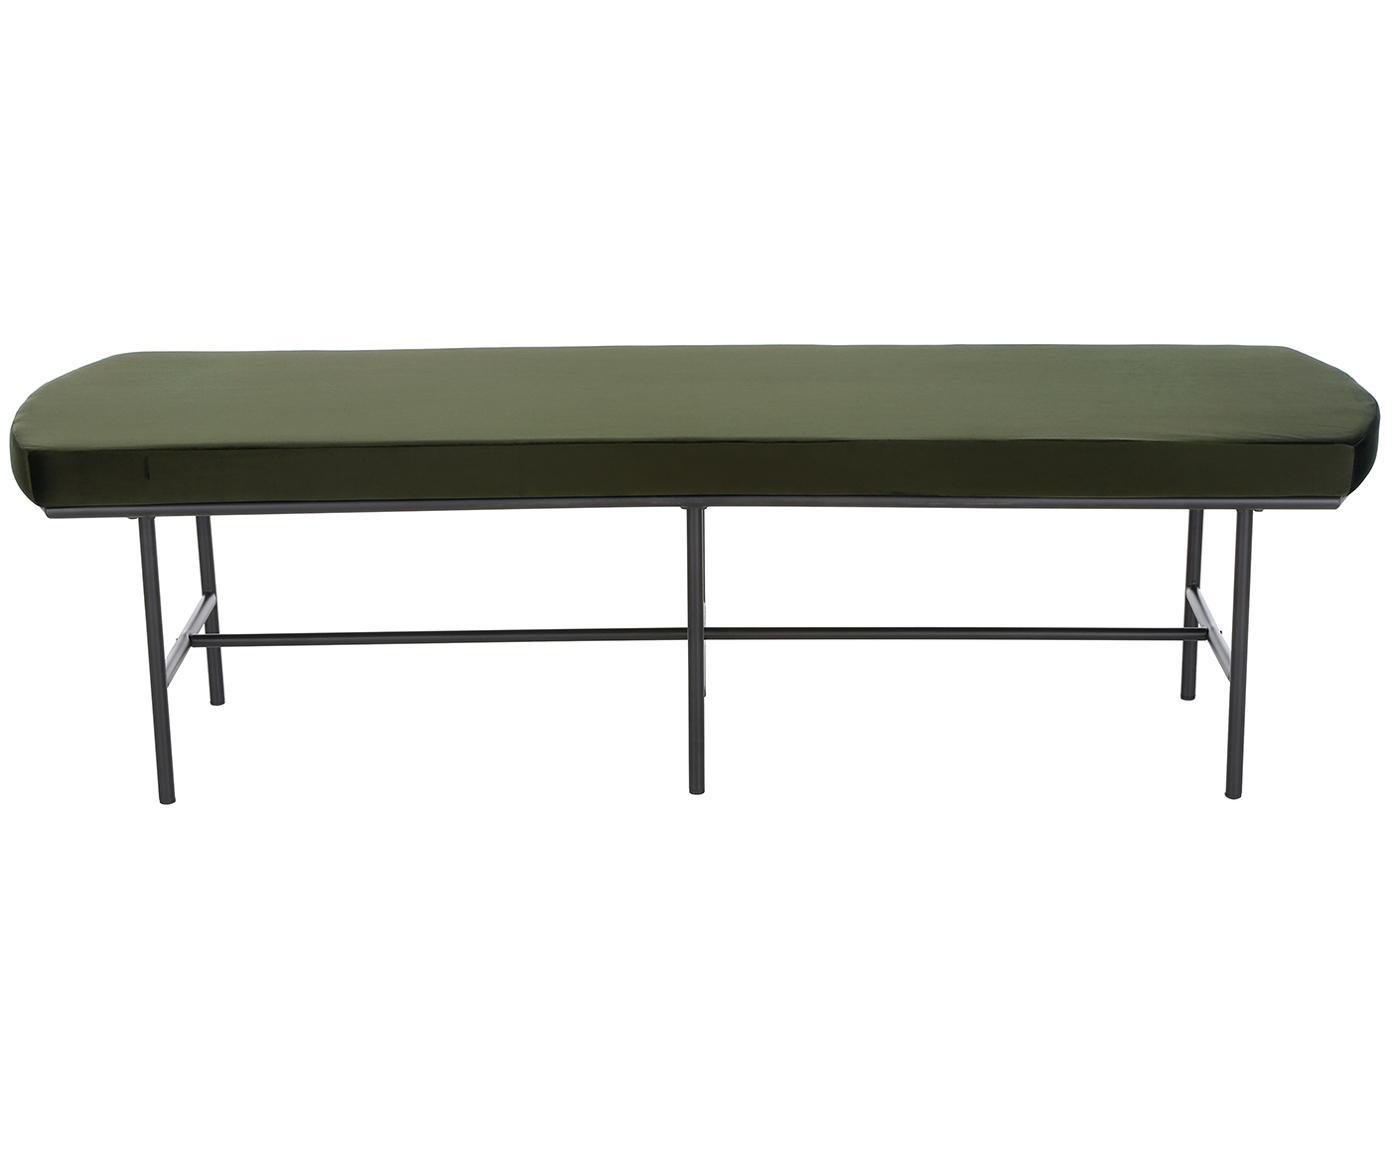 Ławka z aksamitu Jasper, Tapicerka: aksamit (poliester) Tkani, Nogi: metal malowany proszkowo, Ciemny zielony, S 110 x W 45 cm